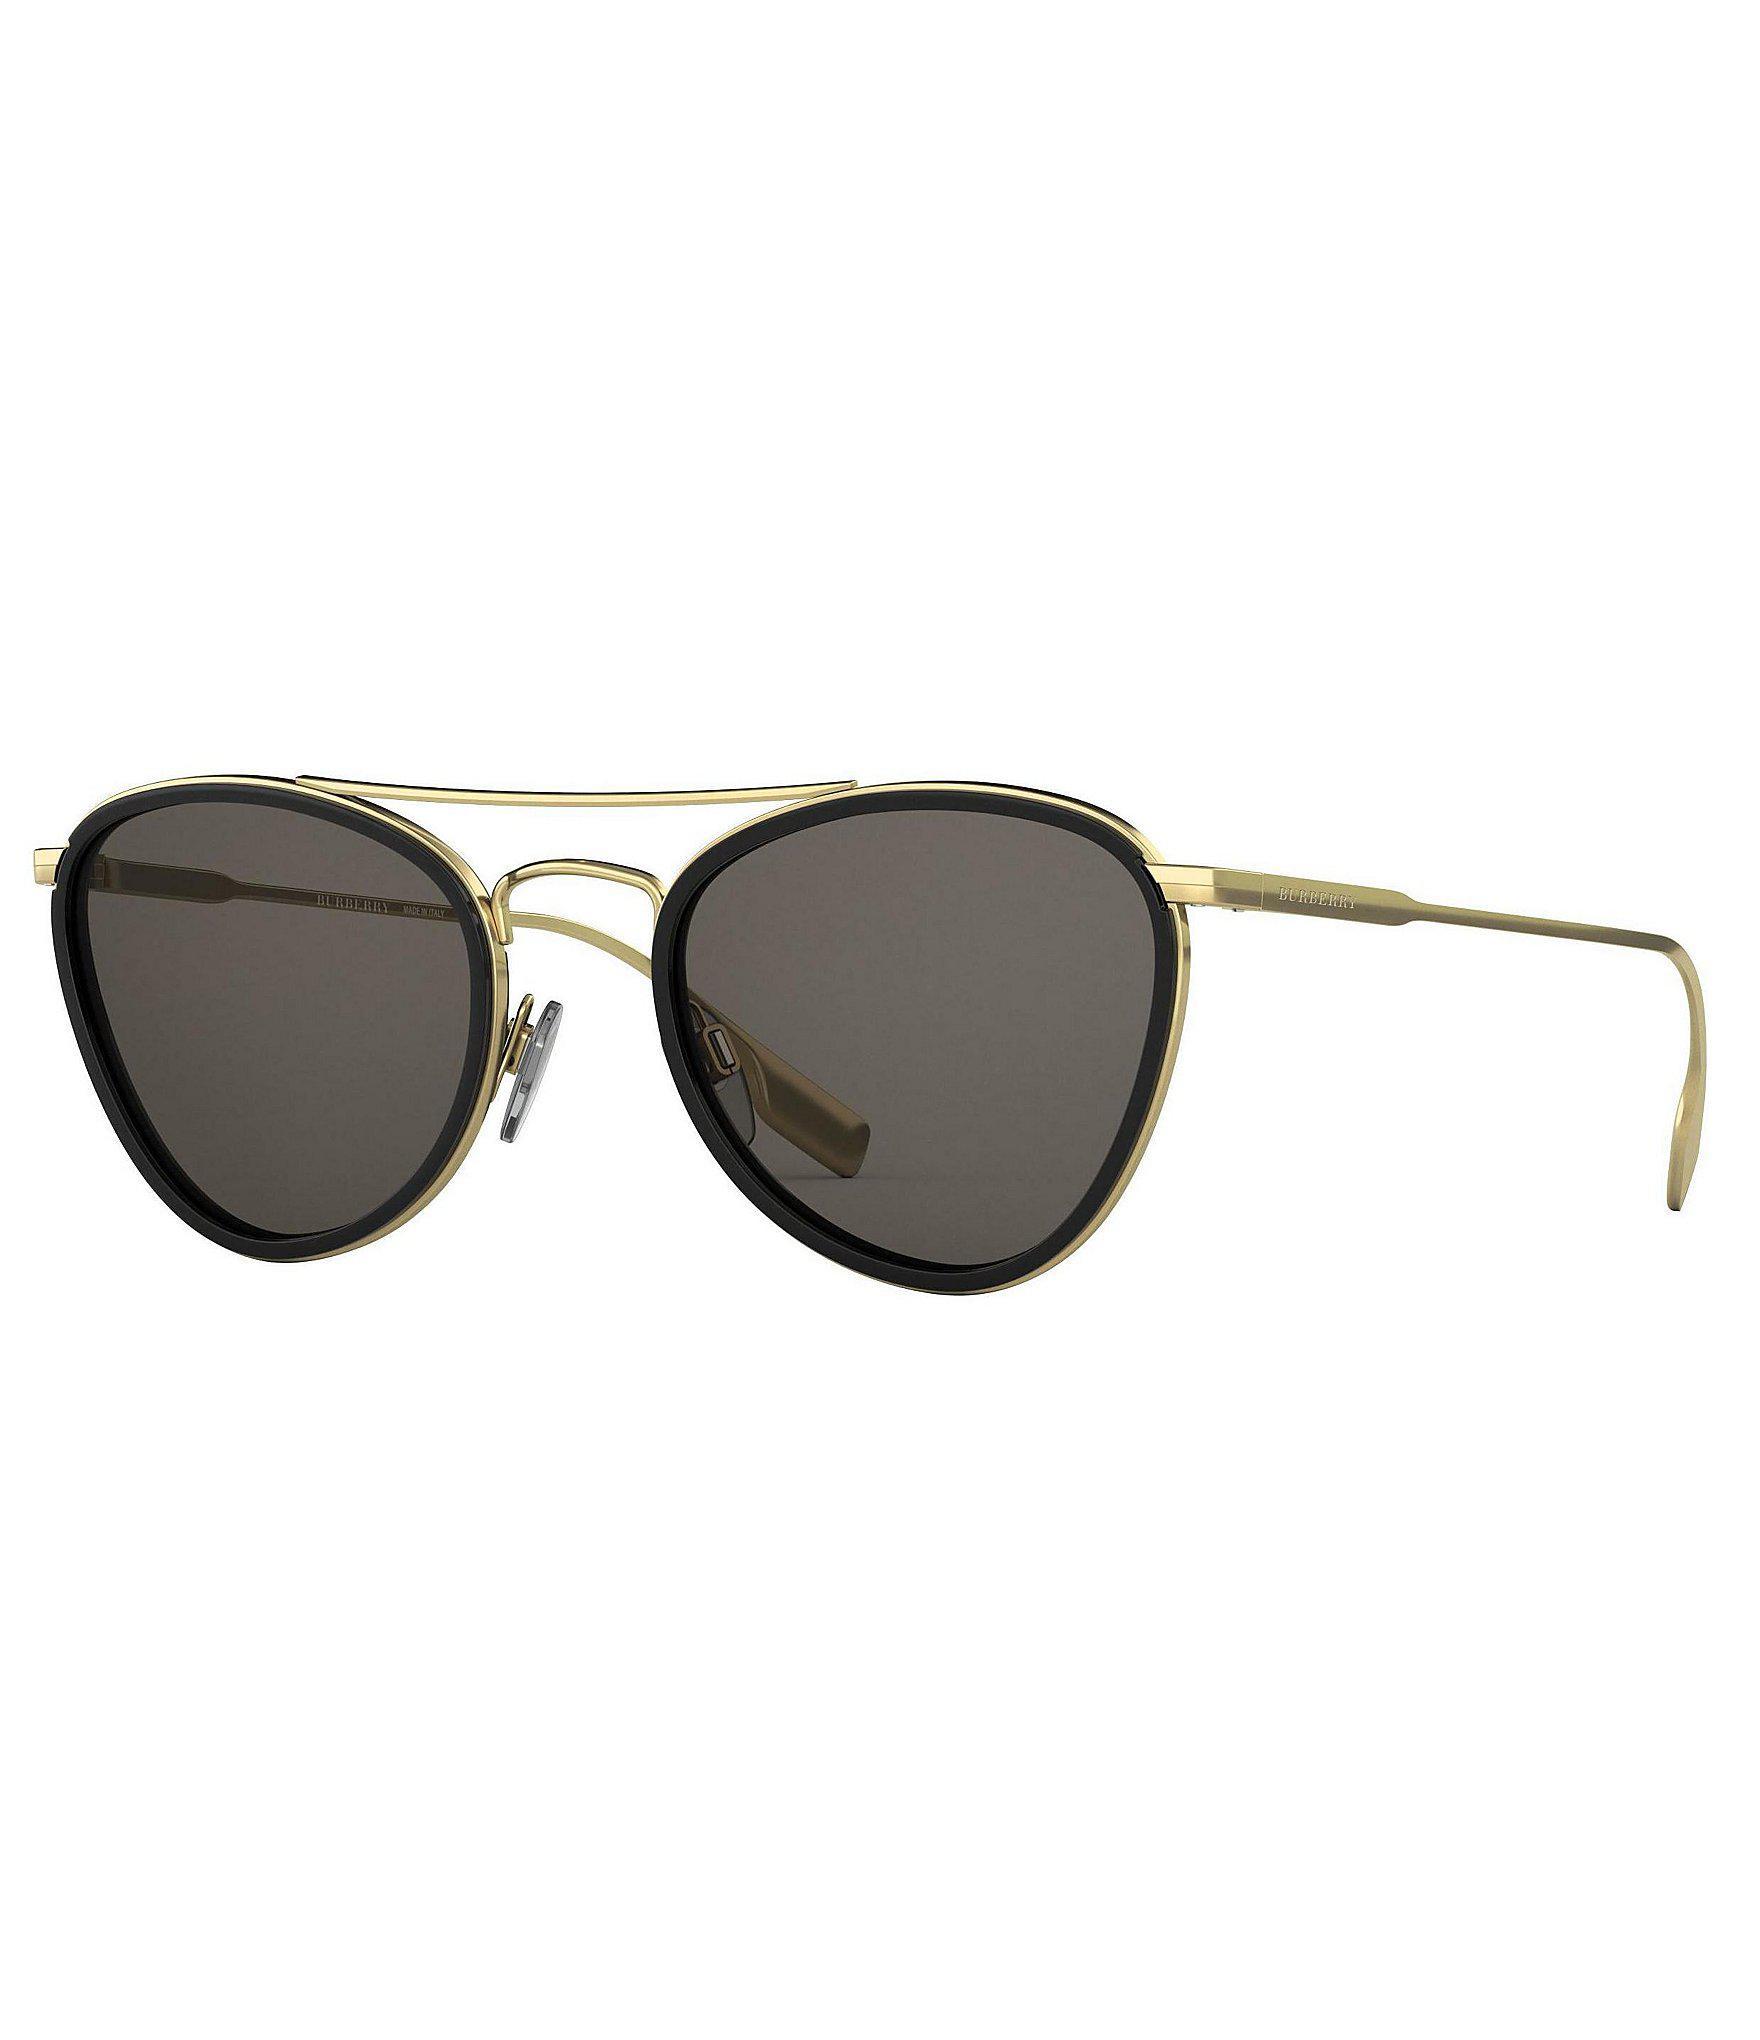 5dd453961e7f Burberry - Multicolor Modified Aviator Sunglasses - Lyst. View fullscreen